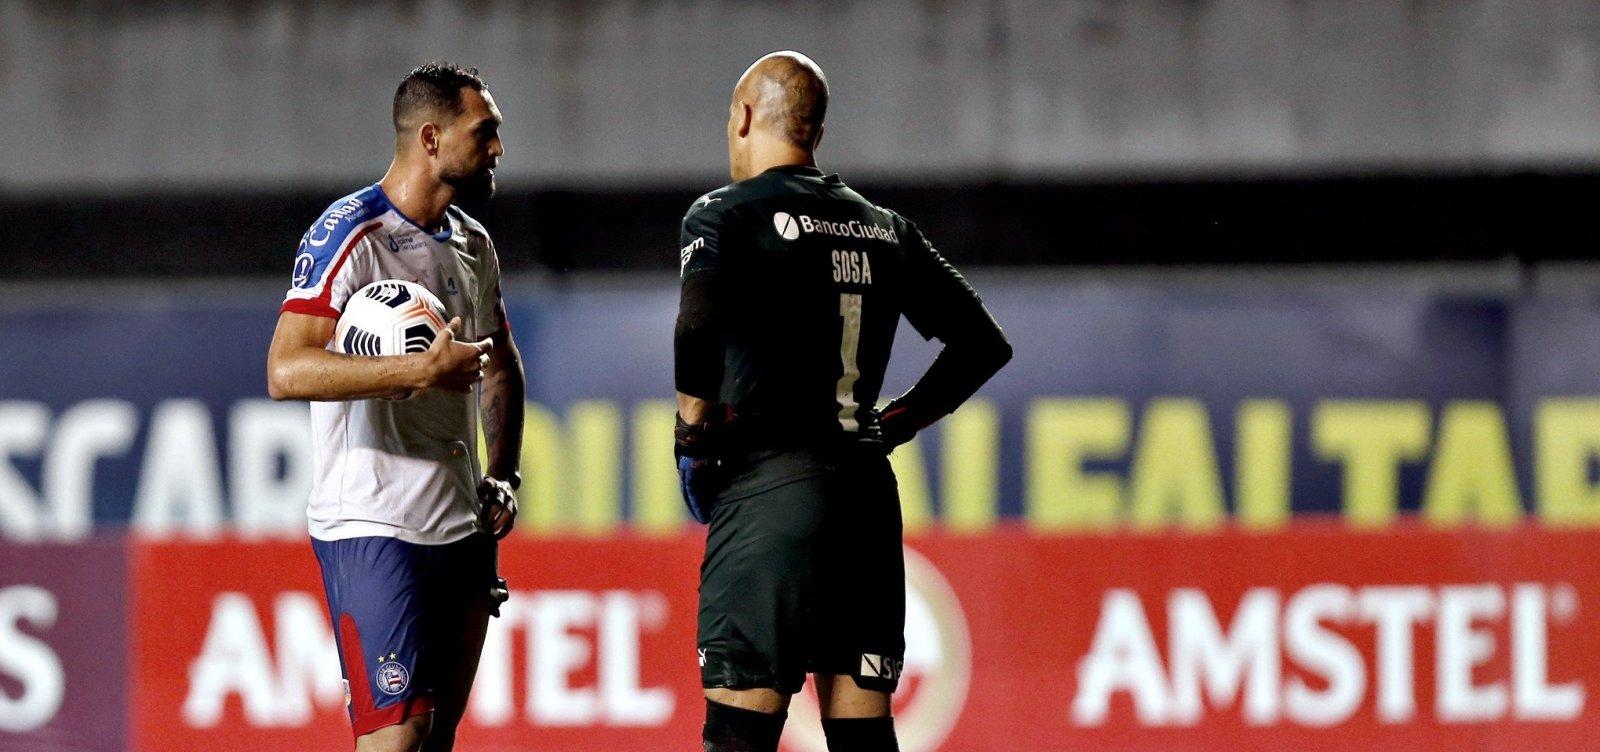 Por última rodada com vantagem, Bahia enfrenta 'Rey de Copas' na Argentina